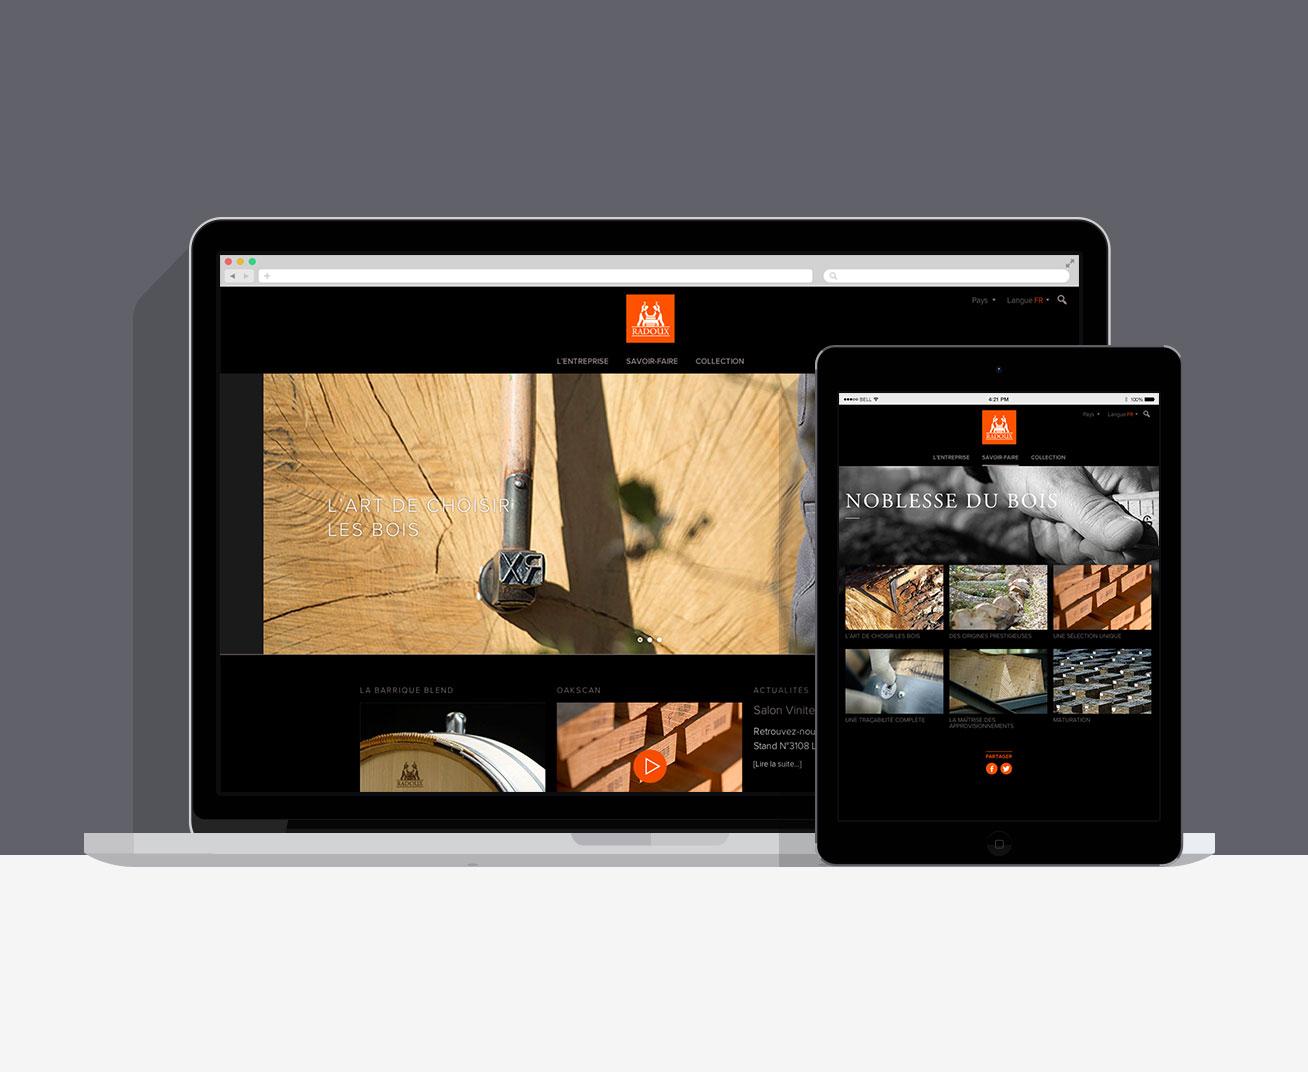 Showcase-web-radoux